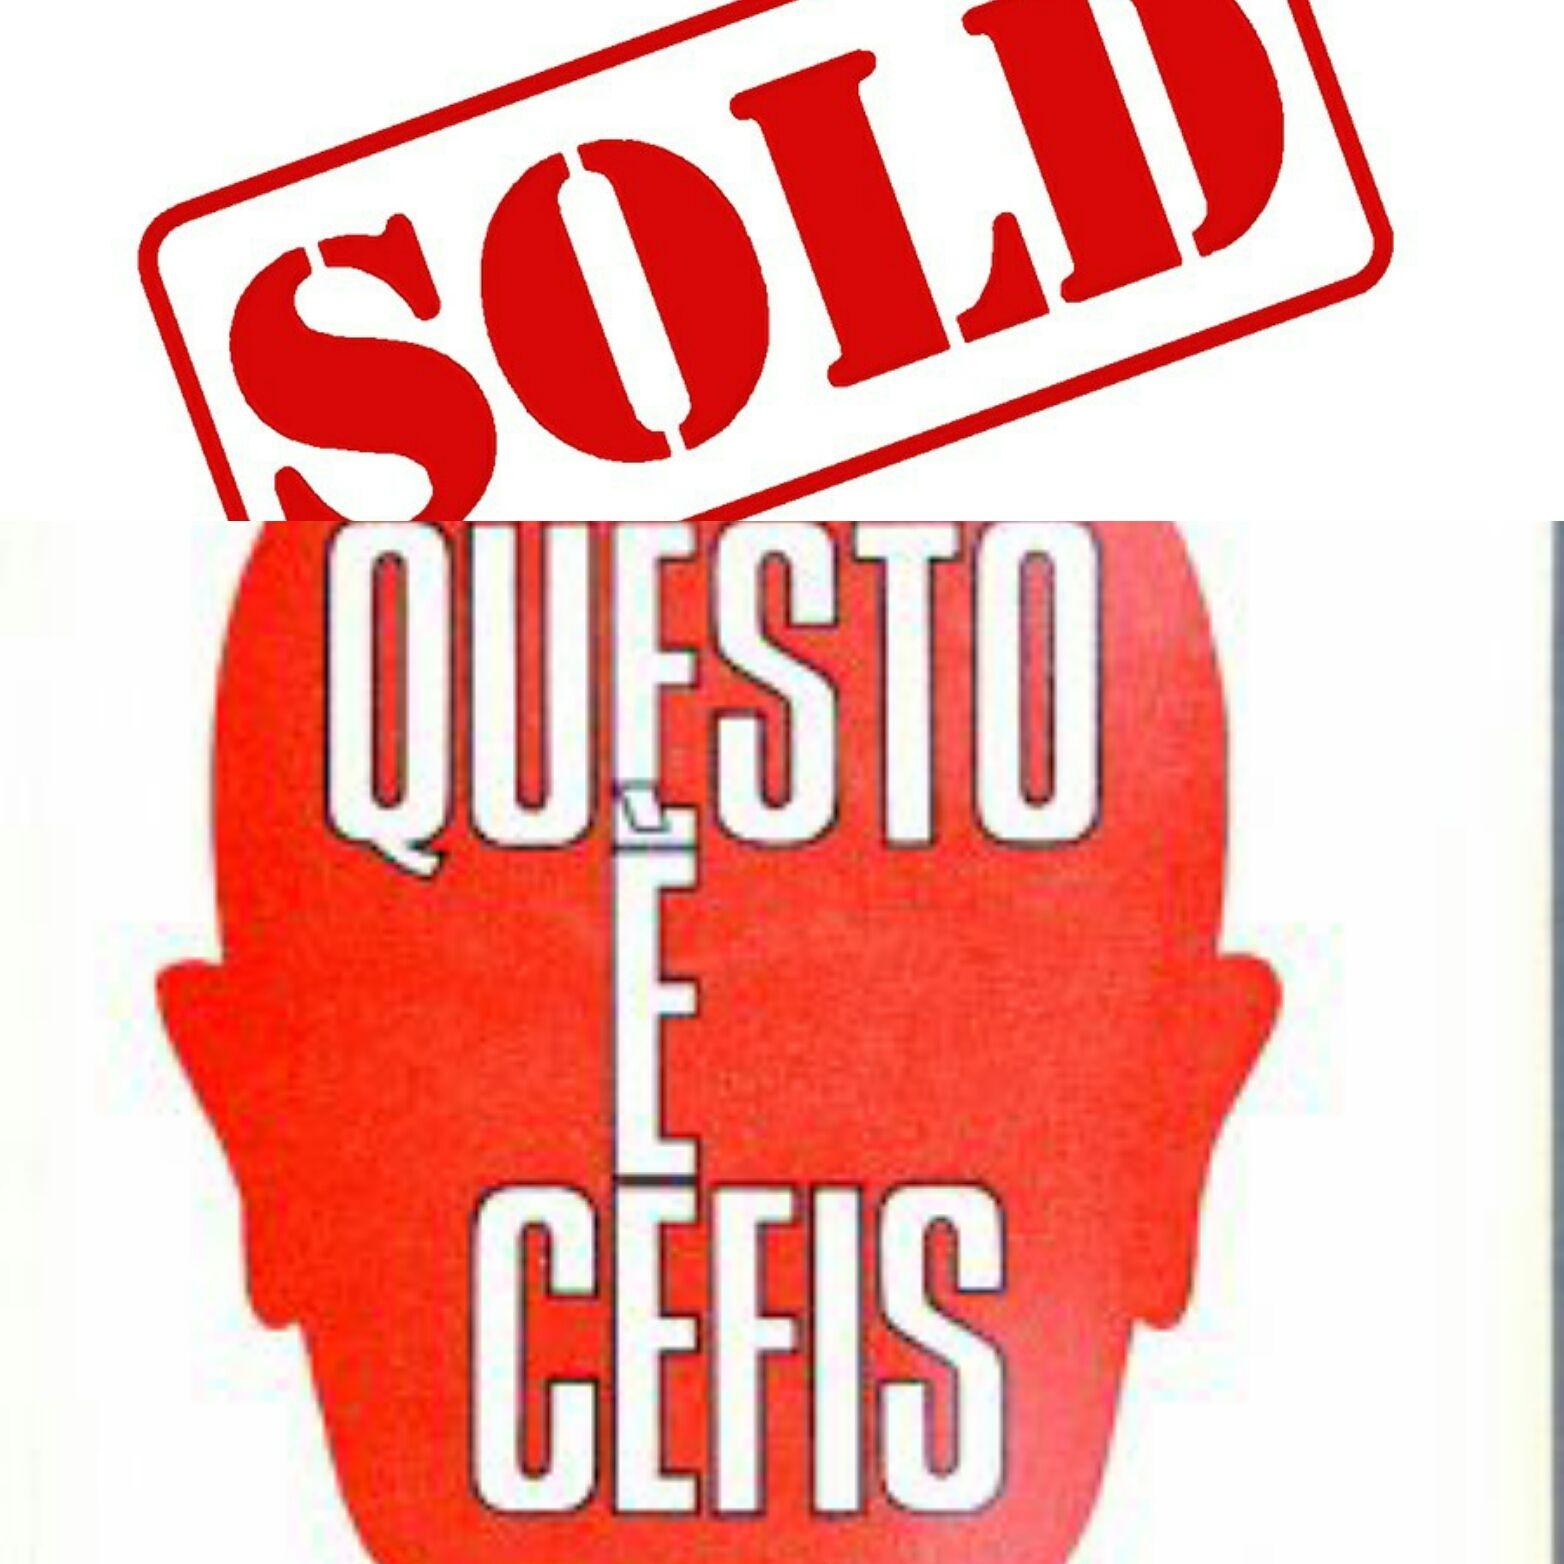 """Su Abebooks venduto """"Questo è Cefis"""" di Giorgio Steimetz a 12 €"""